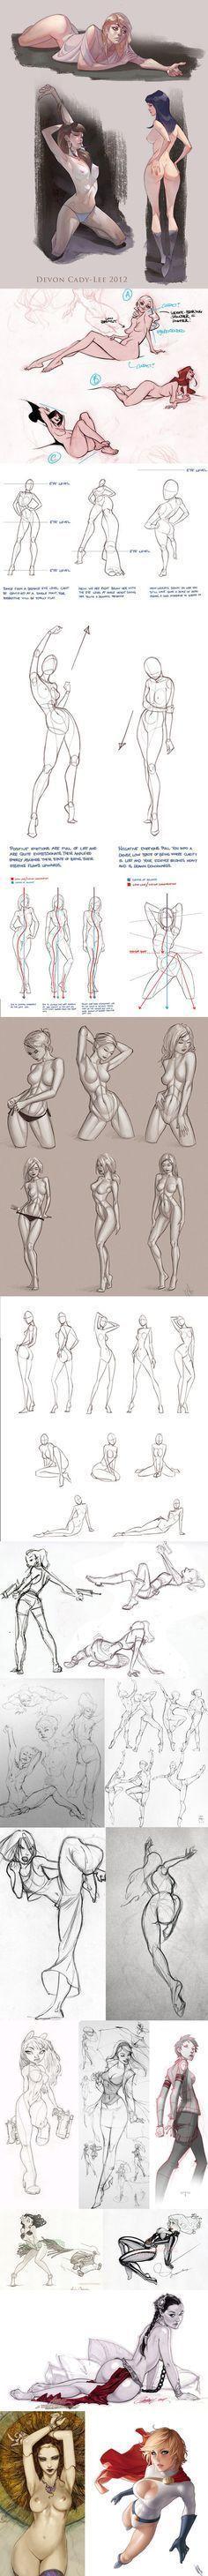 Técnicas de ilustración